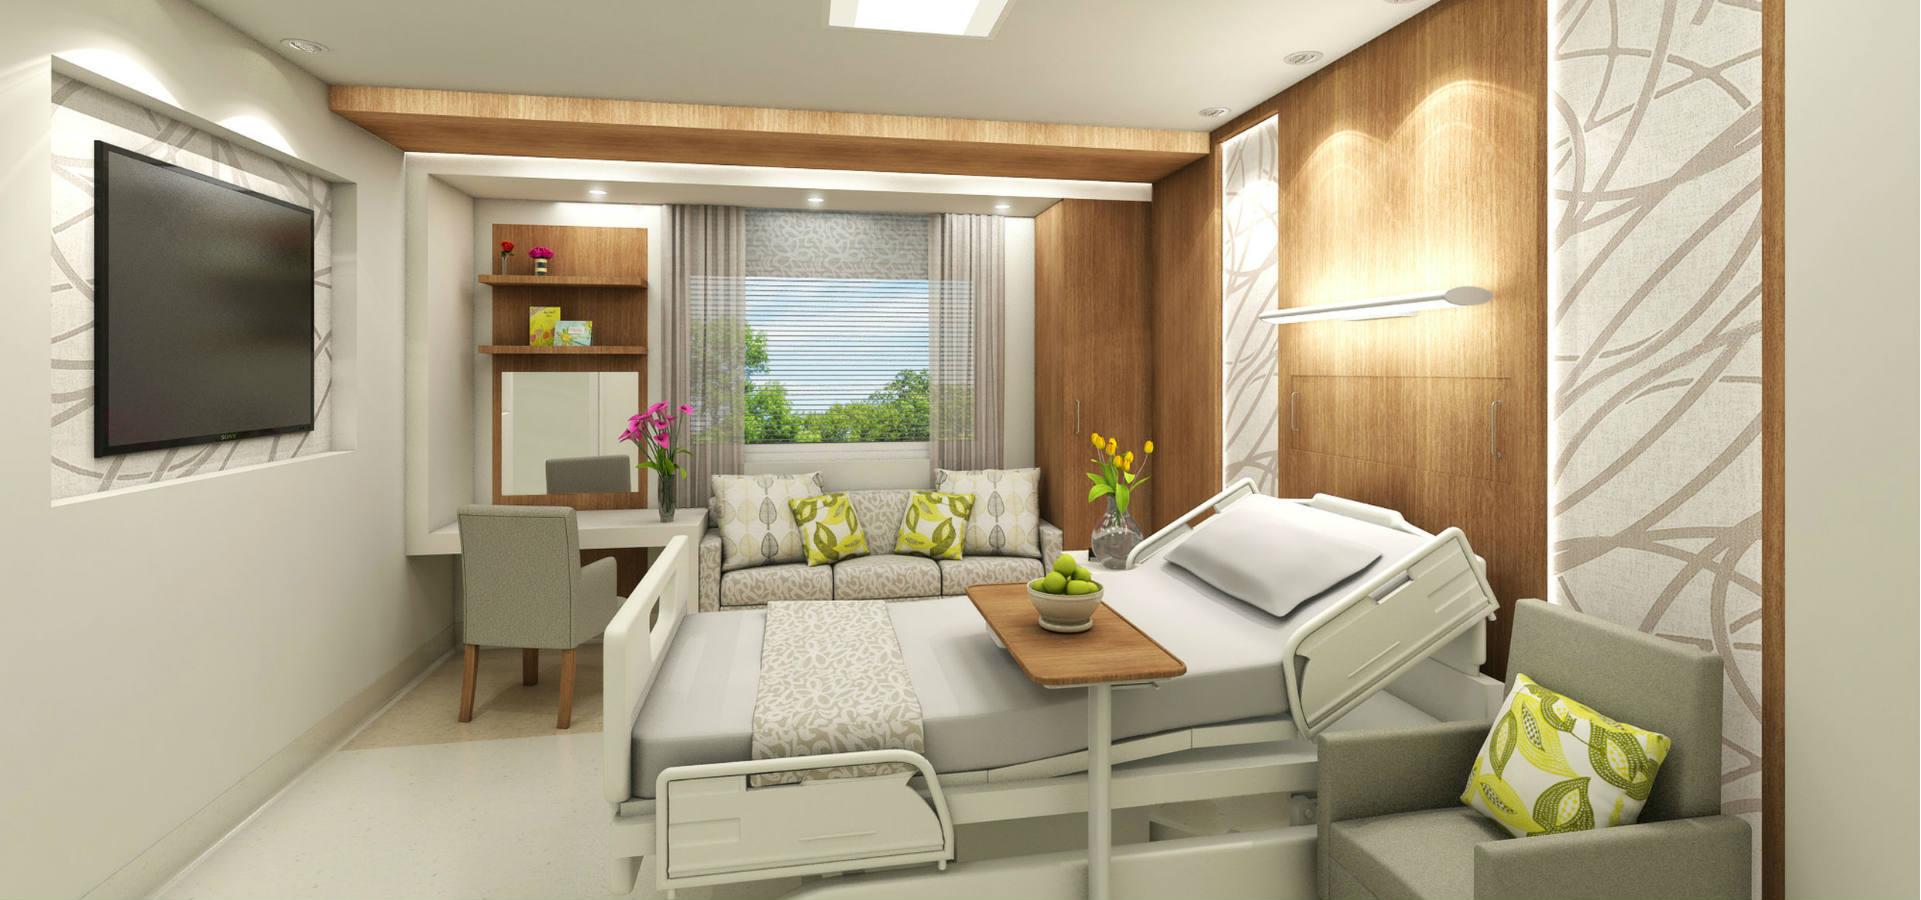 List of big interior design companies in dubai for International interior design companies